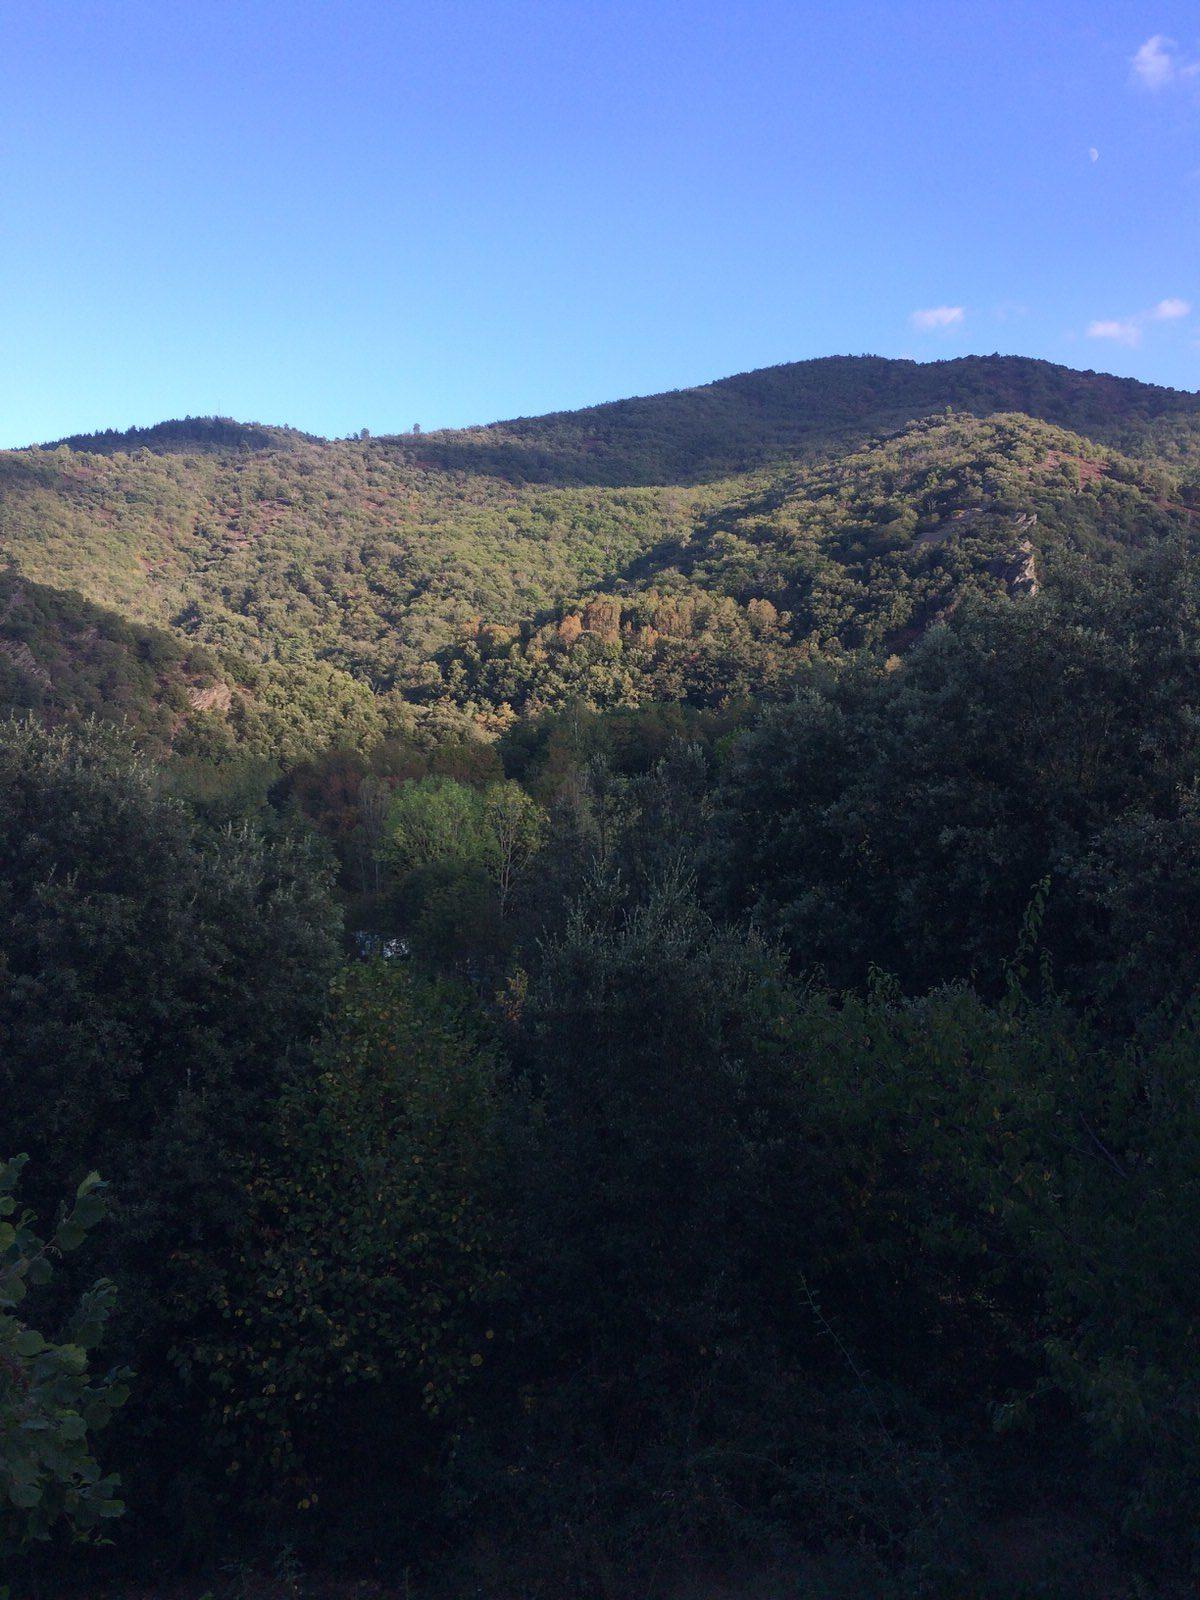 Montagnes Cévennes - Calme et sérénité